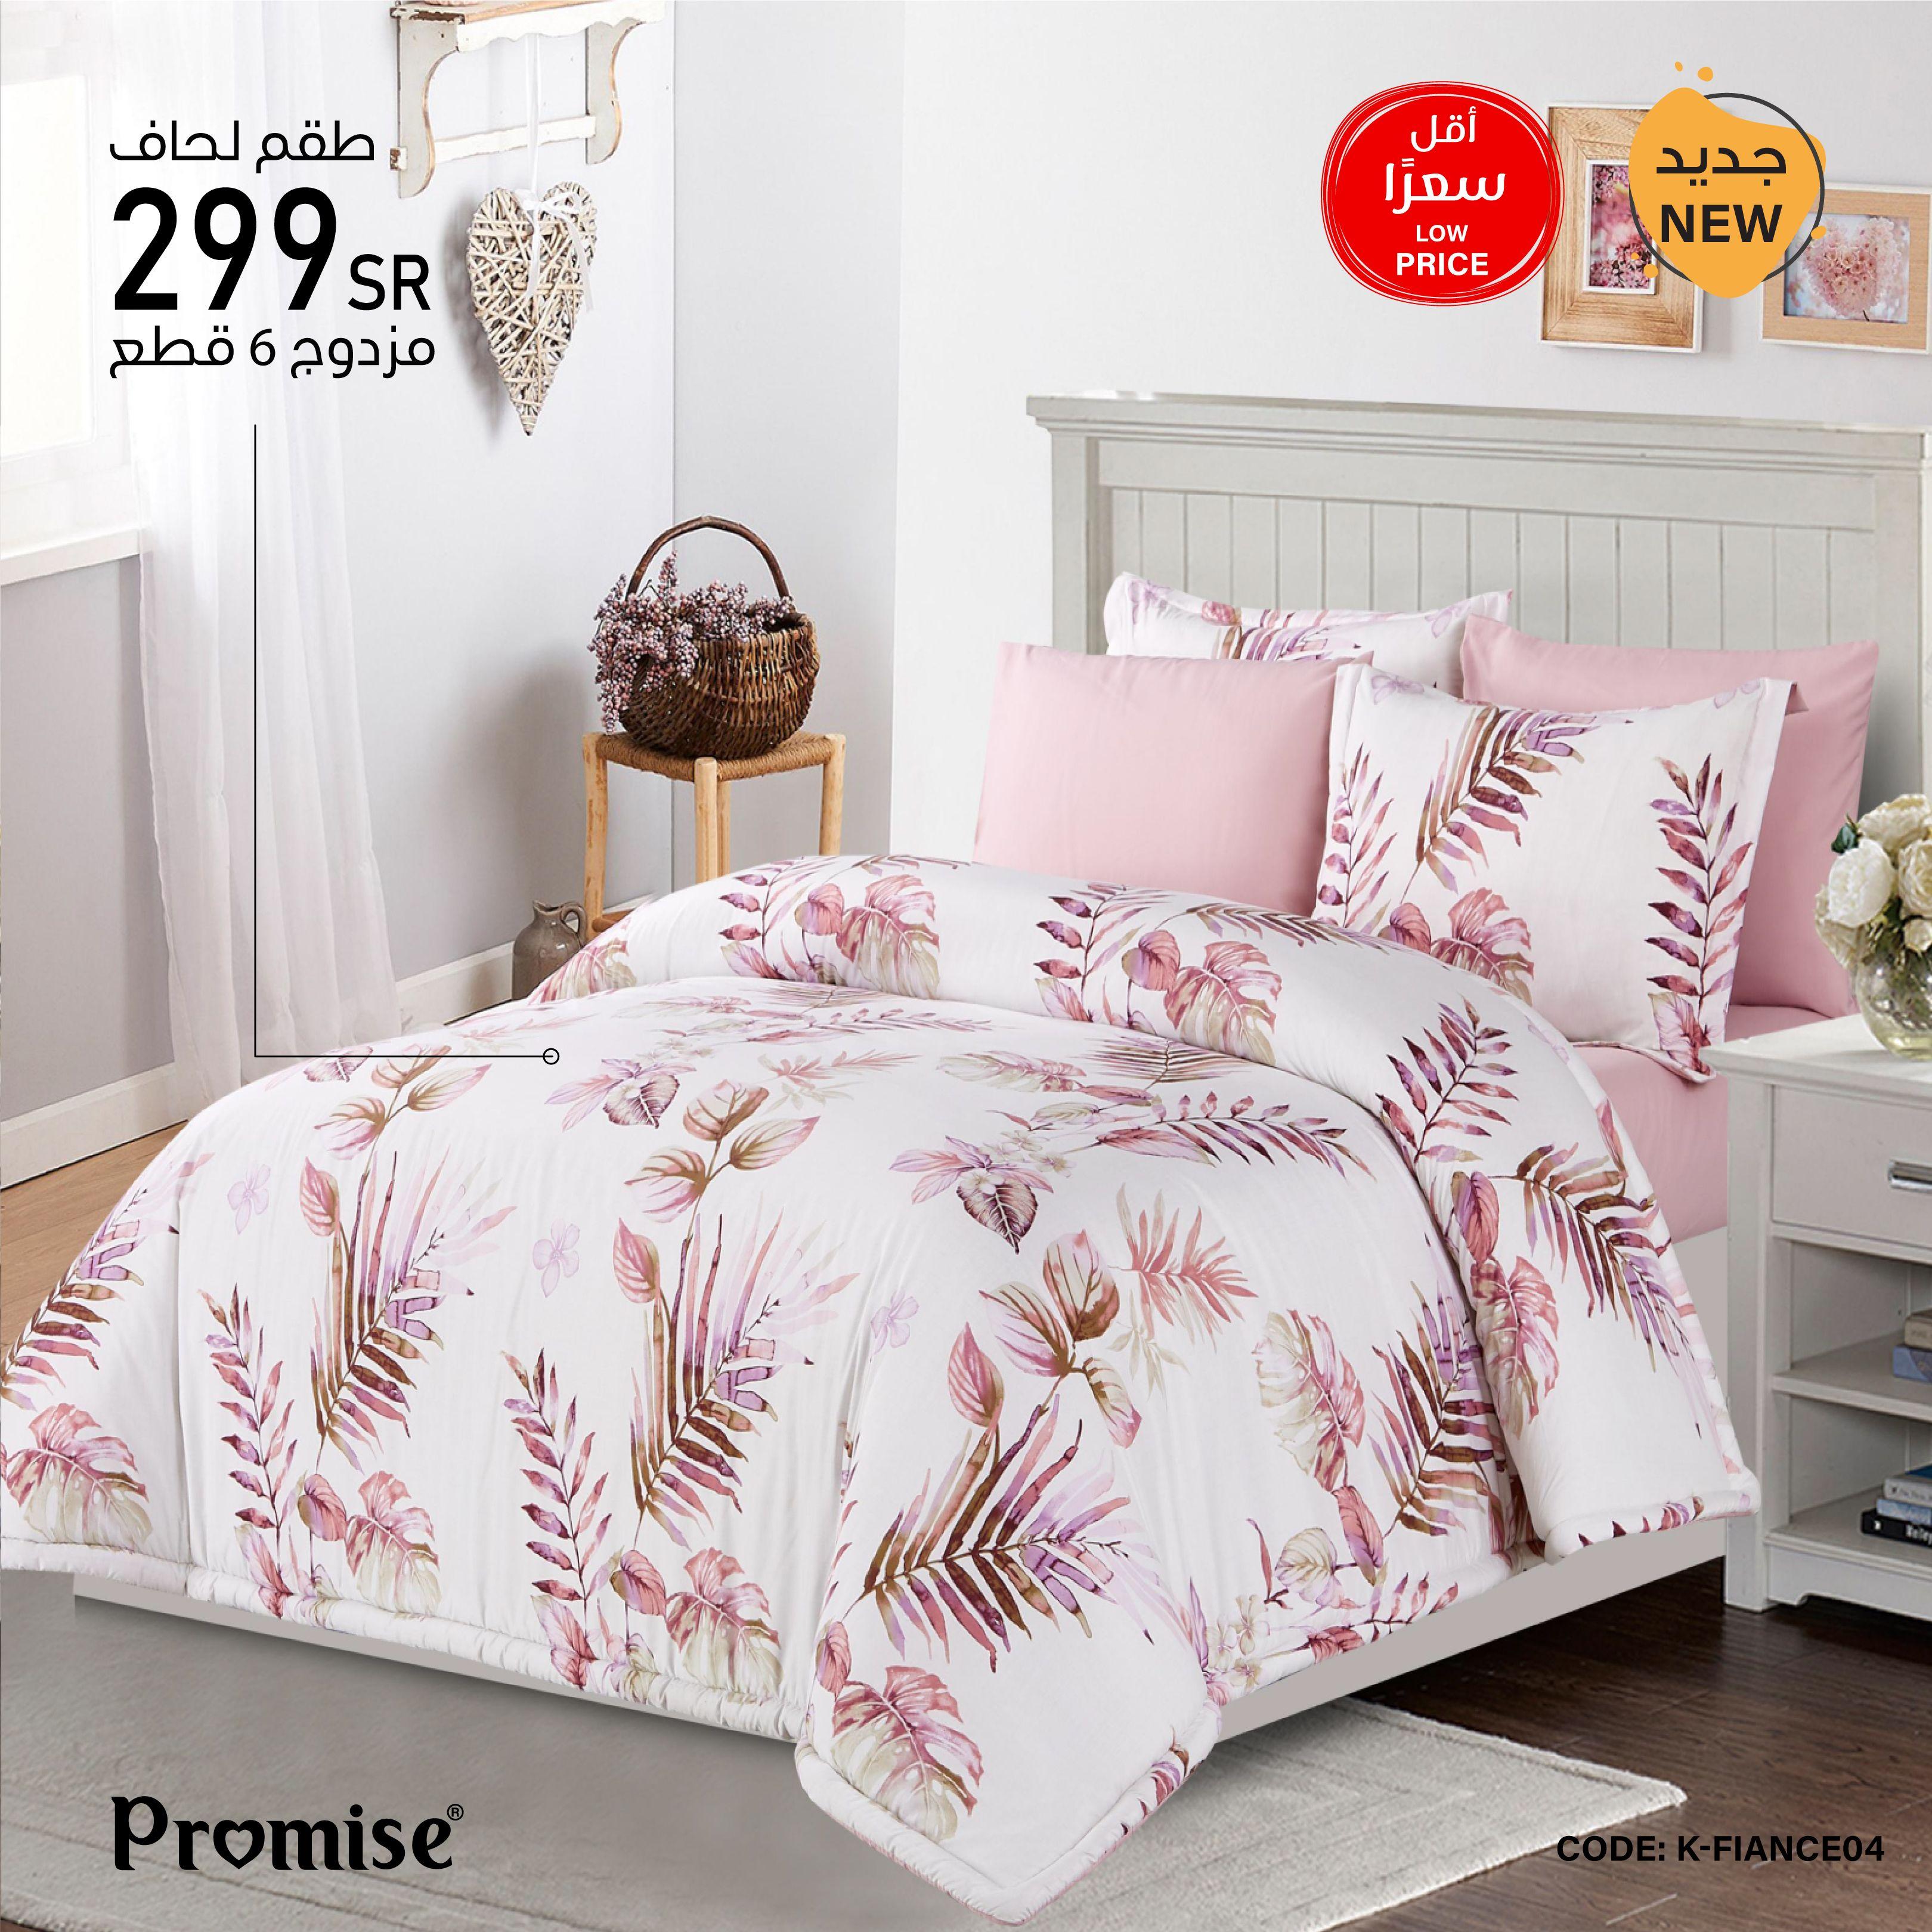 طقم لحاف مشجر Fiance مزدوج 6 قطع Blanket Bed New Price